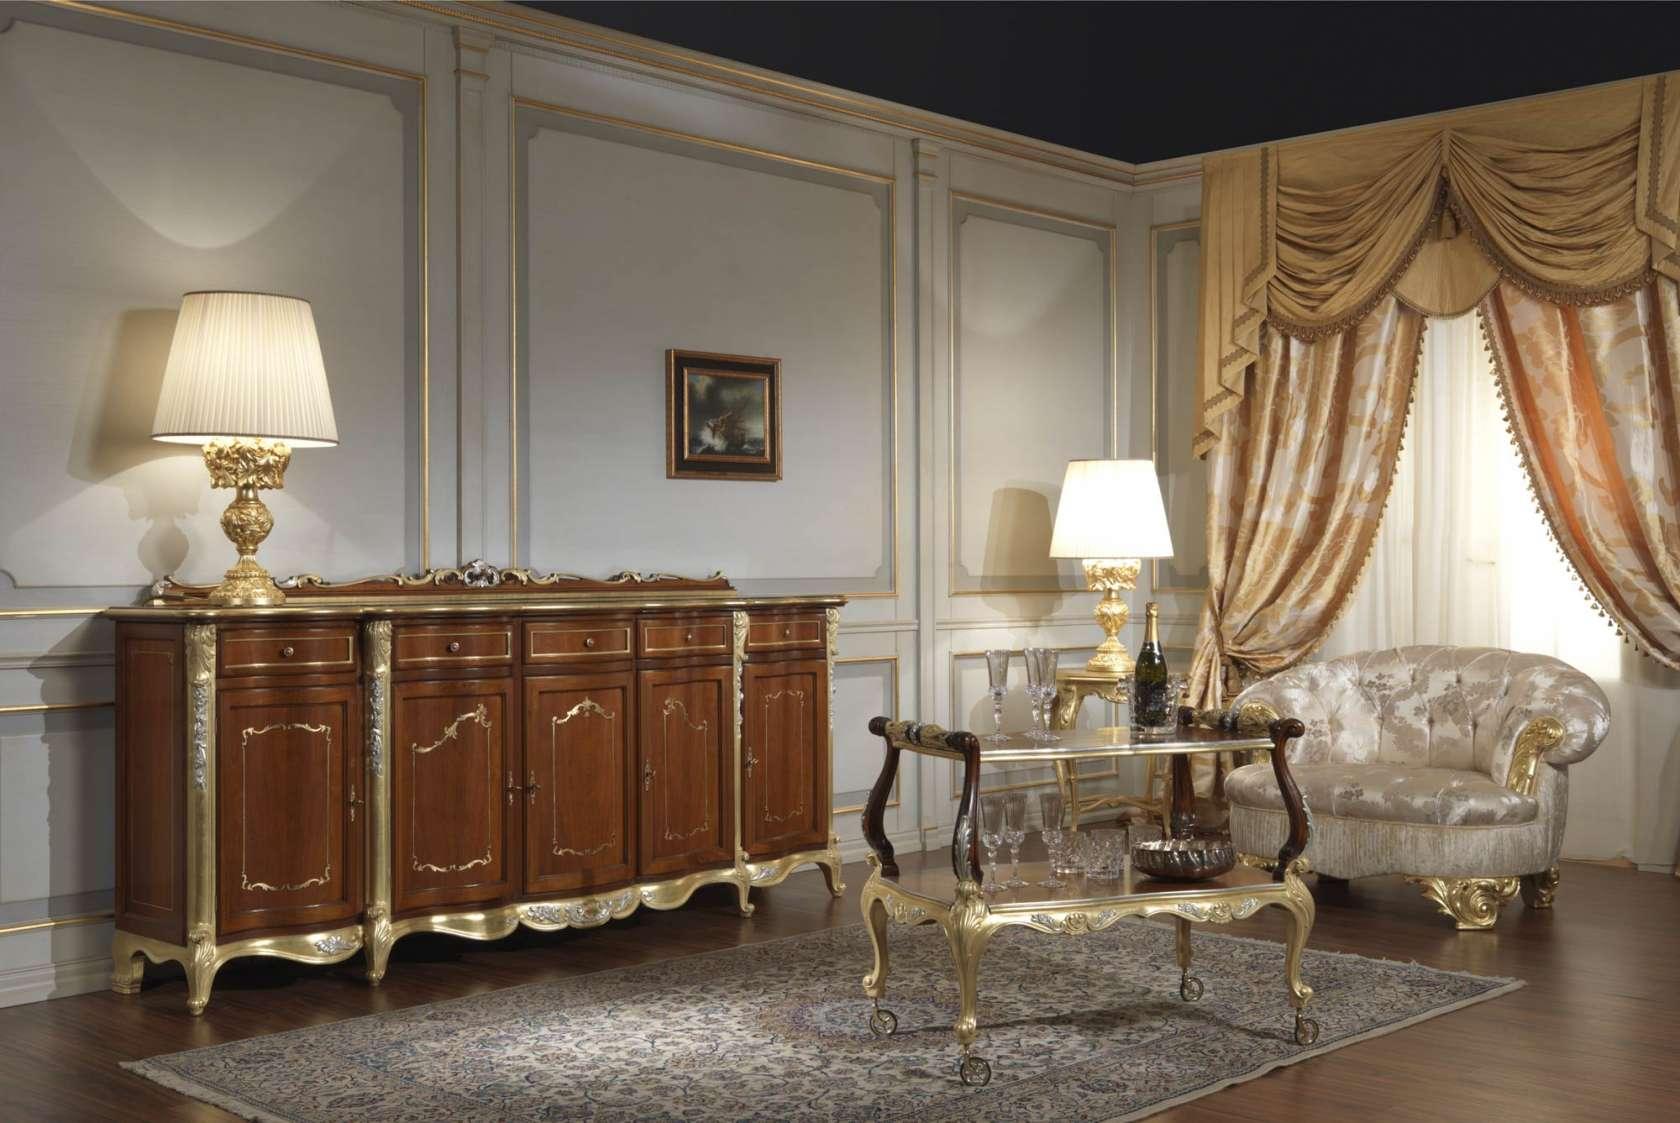 Mobili sala in stile classico Luigi XV | Vimercati Meda